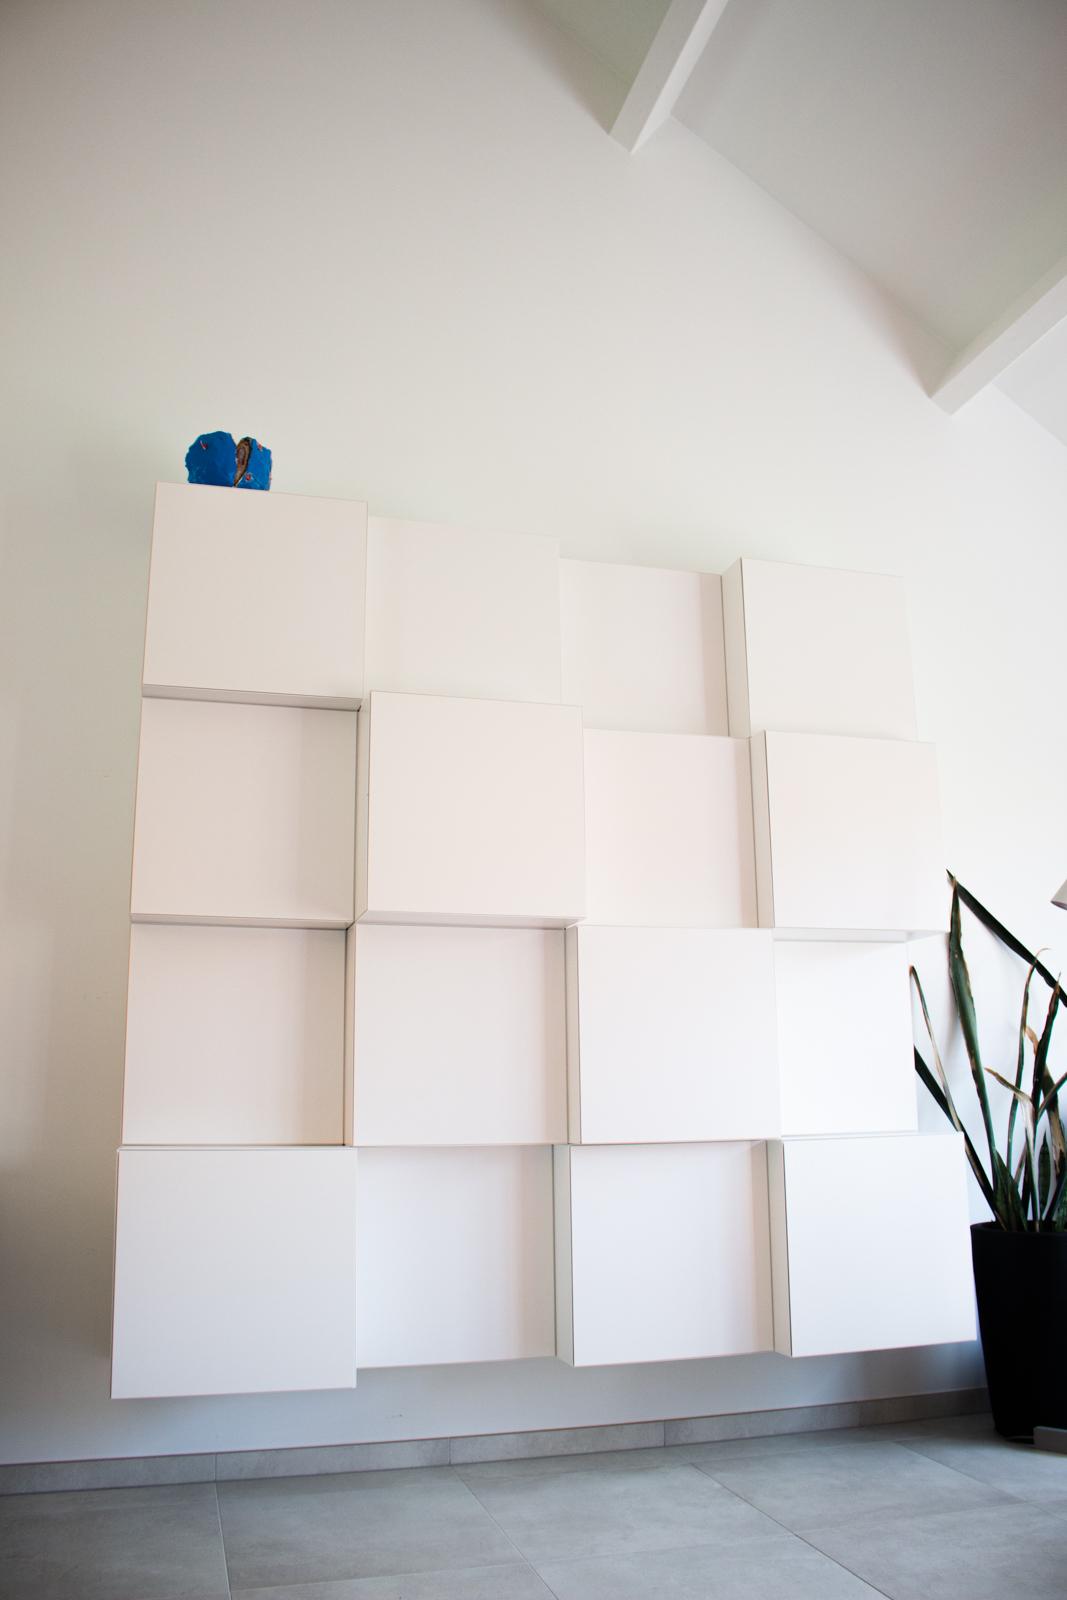 kast vision, aanpassing en aanvullen van bestaande kast in nieuwe locatie